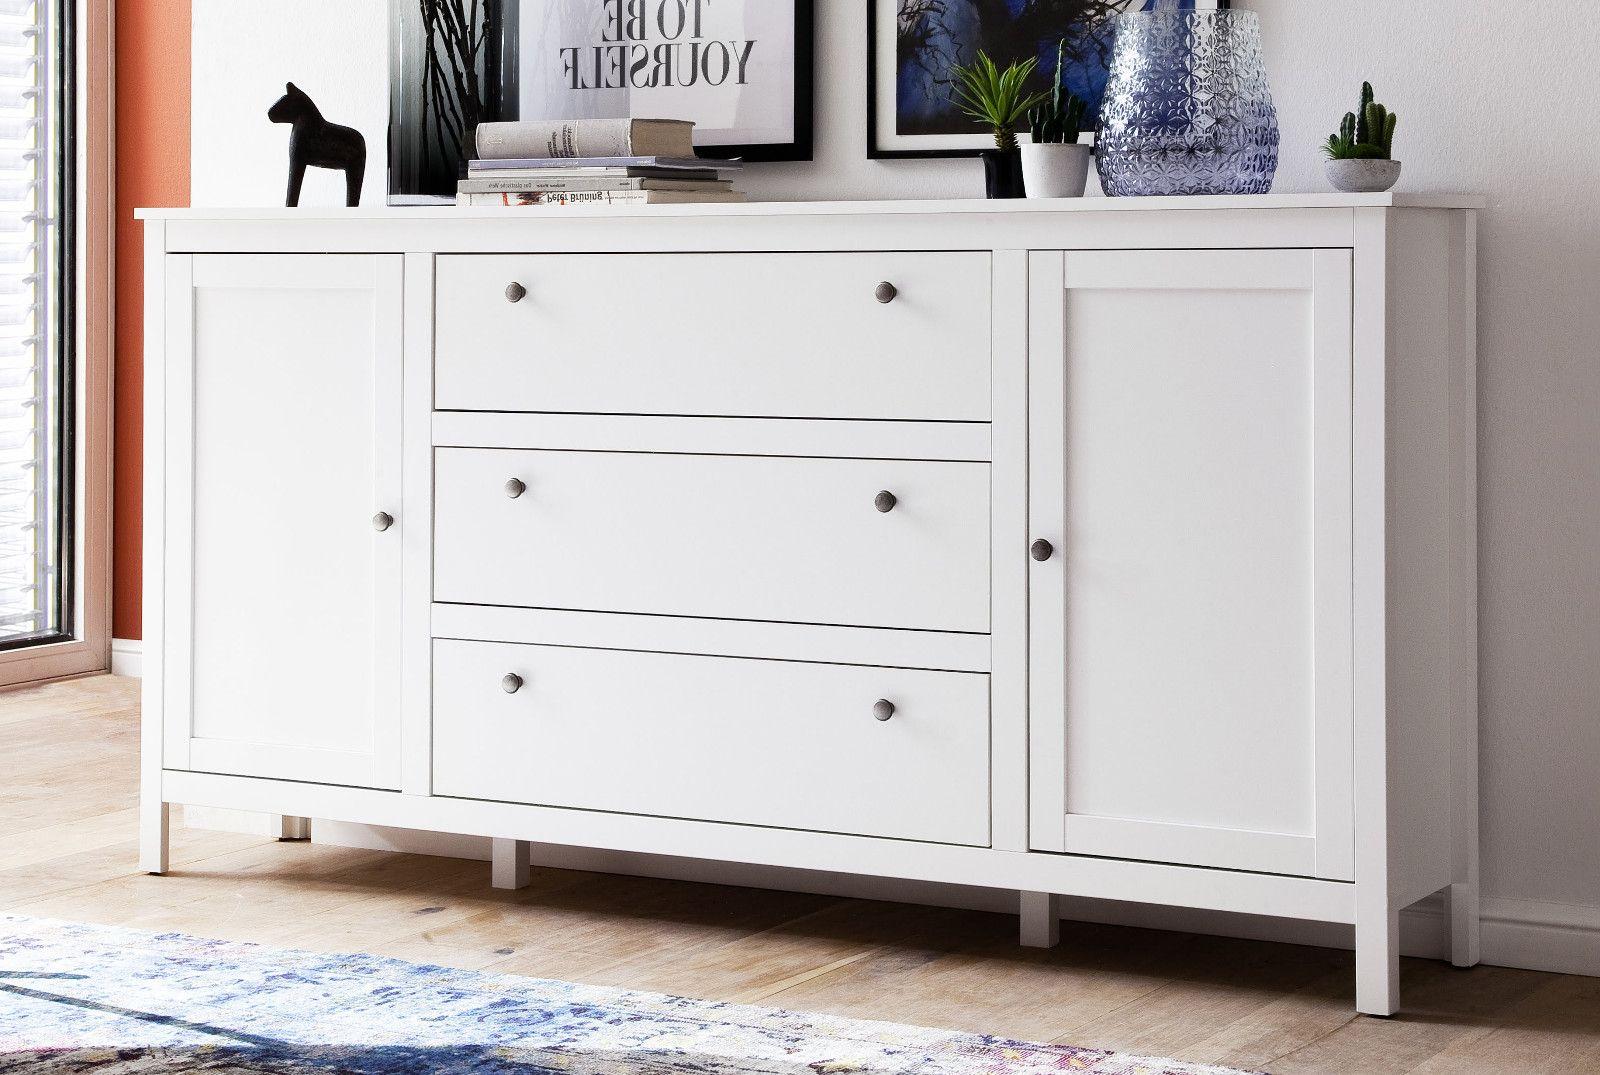 Kommode Flur Deutsche Pinterest Dresser Home Decor And